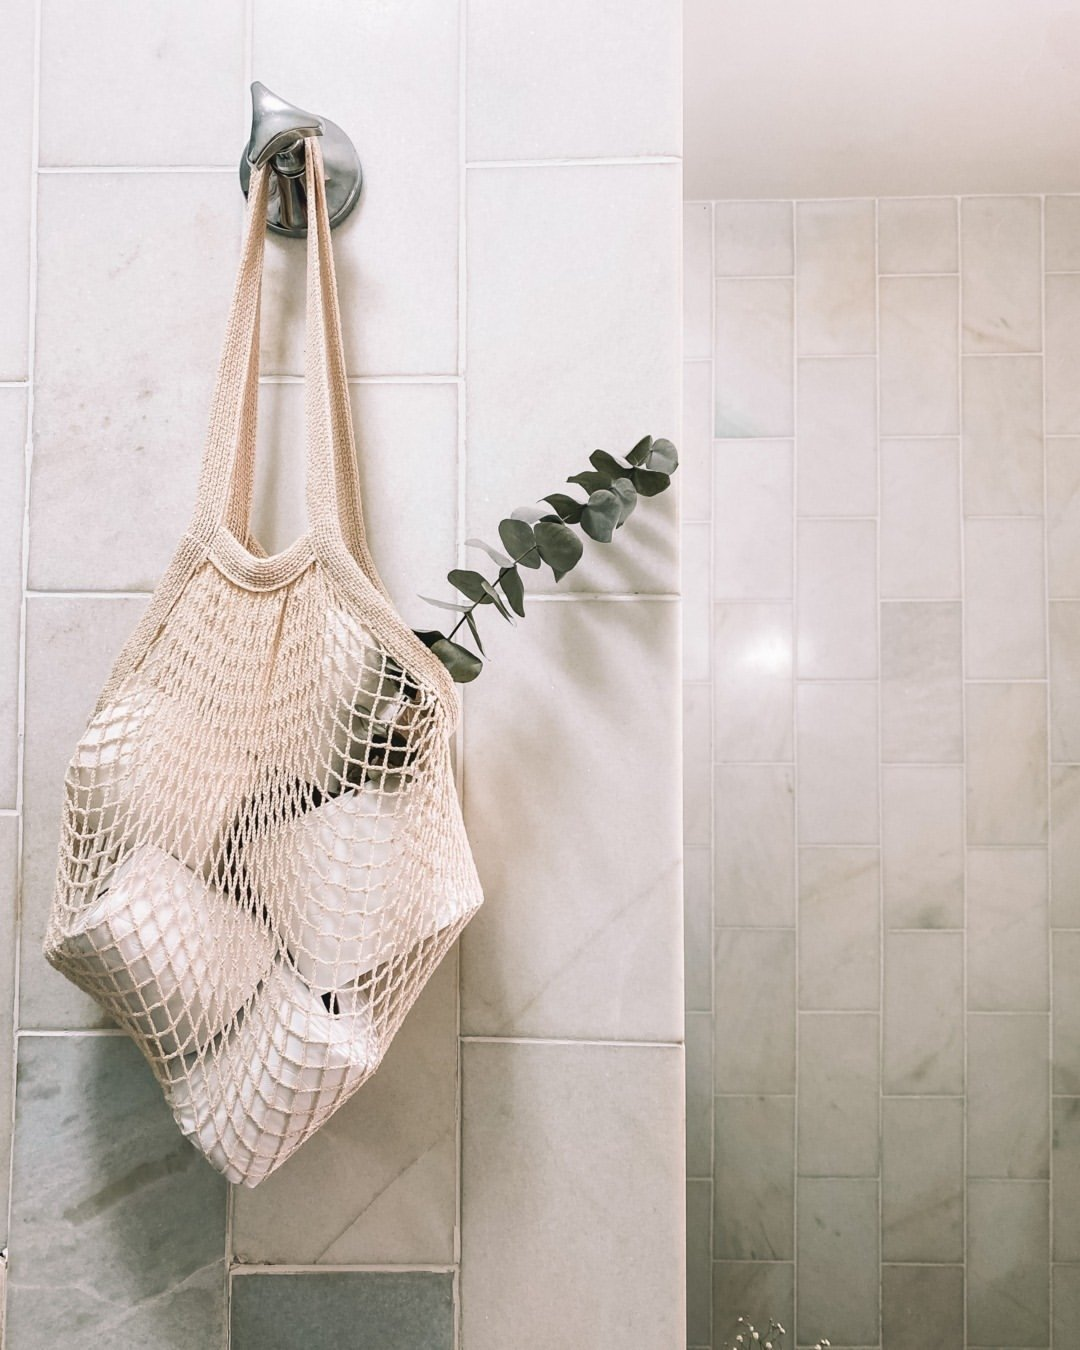 It girls - Decor - Decoração do banheiro - Inverno - Street Style - https://stealthelook.com.br